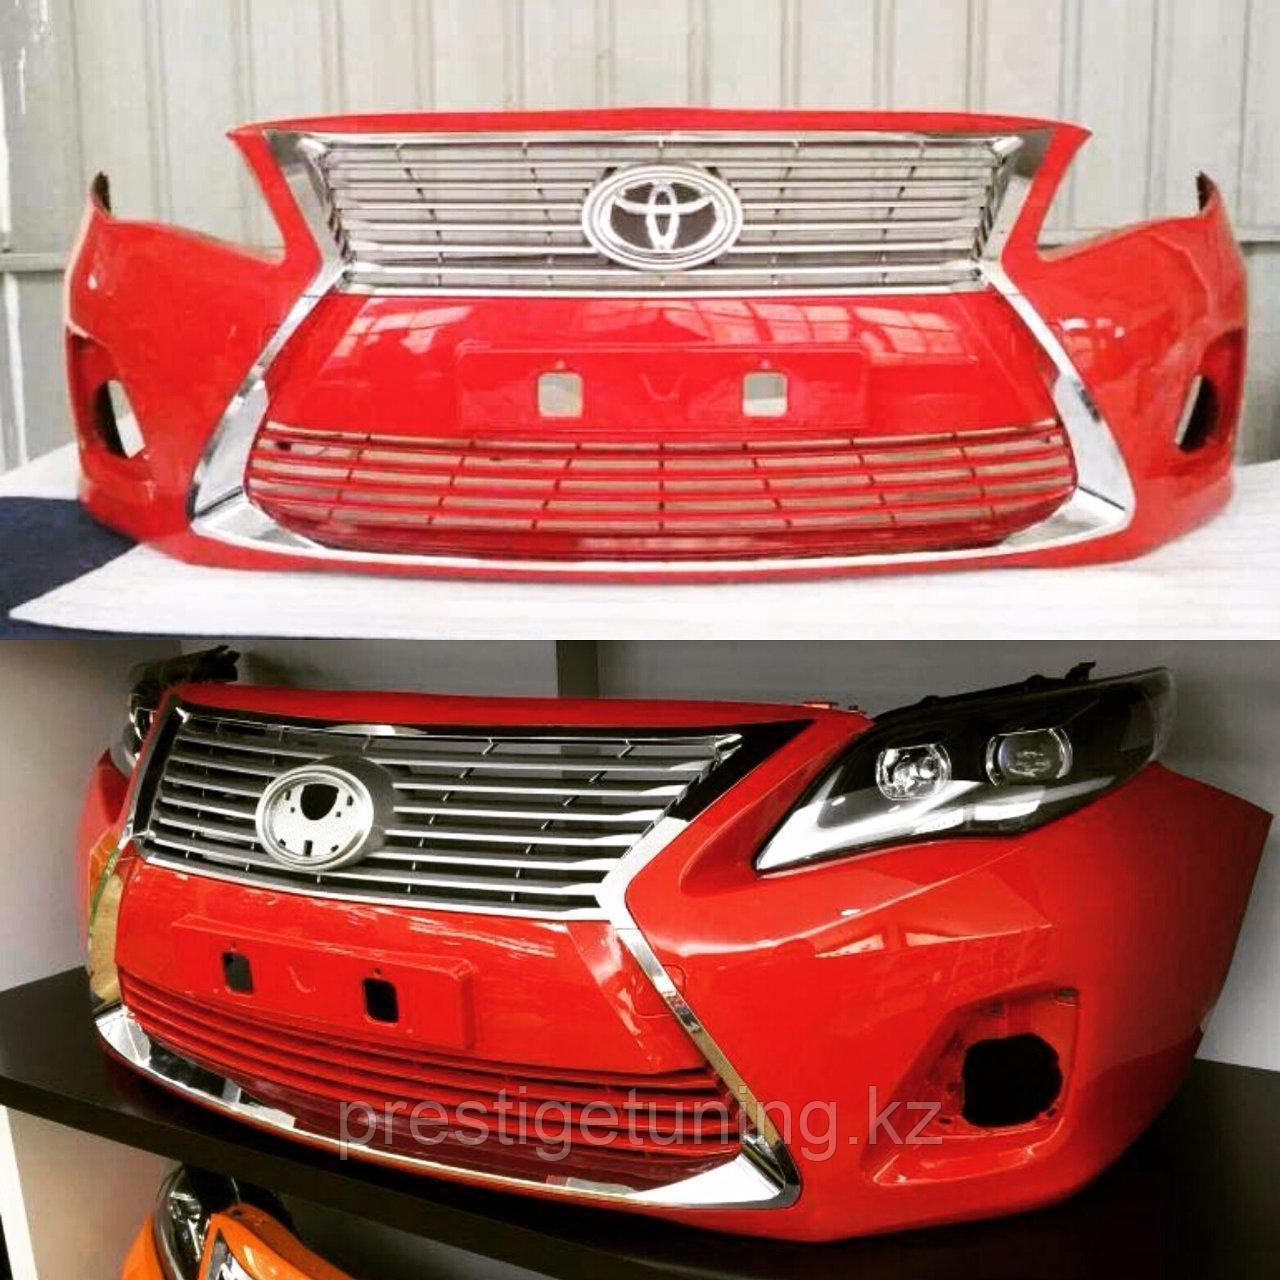 Передний бампер на Corolla 2007-13 Lexus style